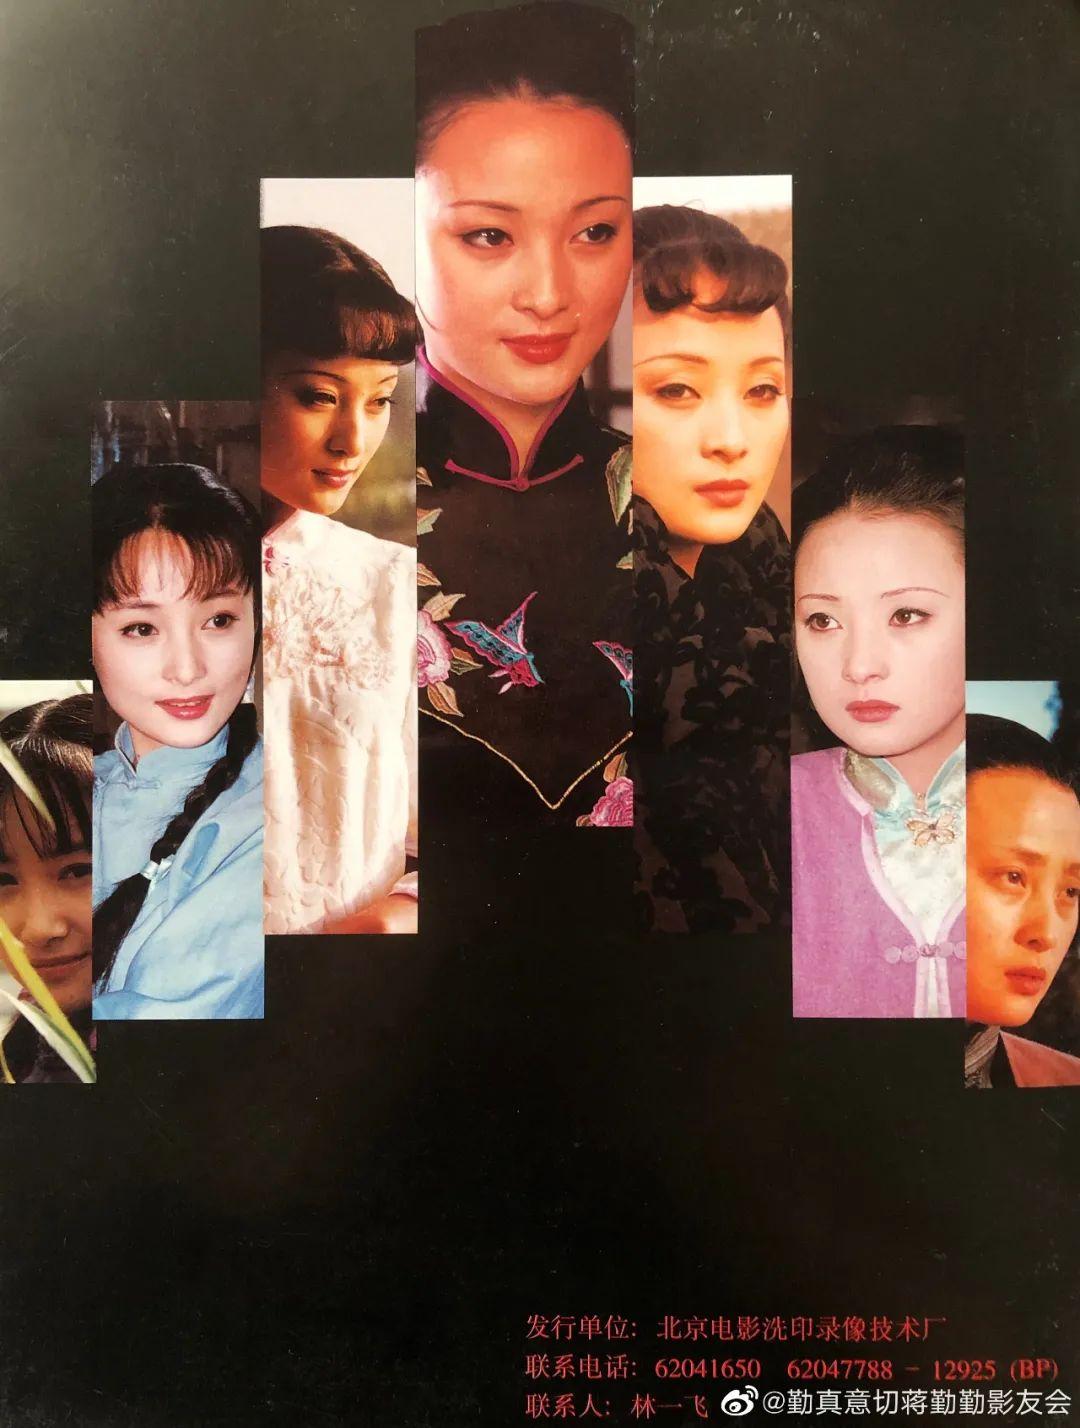 安信5注册登录《司藤》的古风妆容挨夸了 但对比20年前怎么样呢?